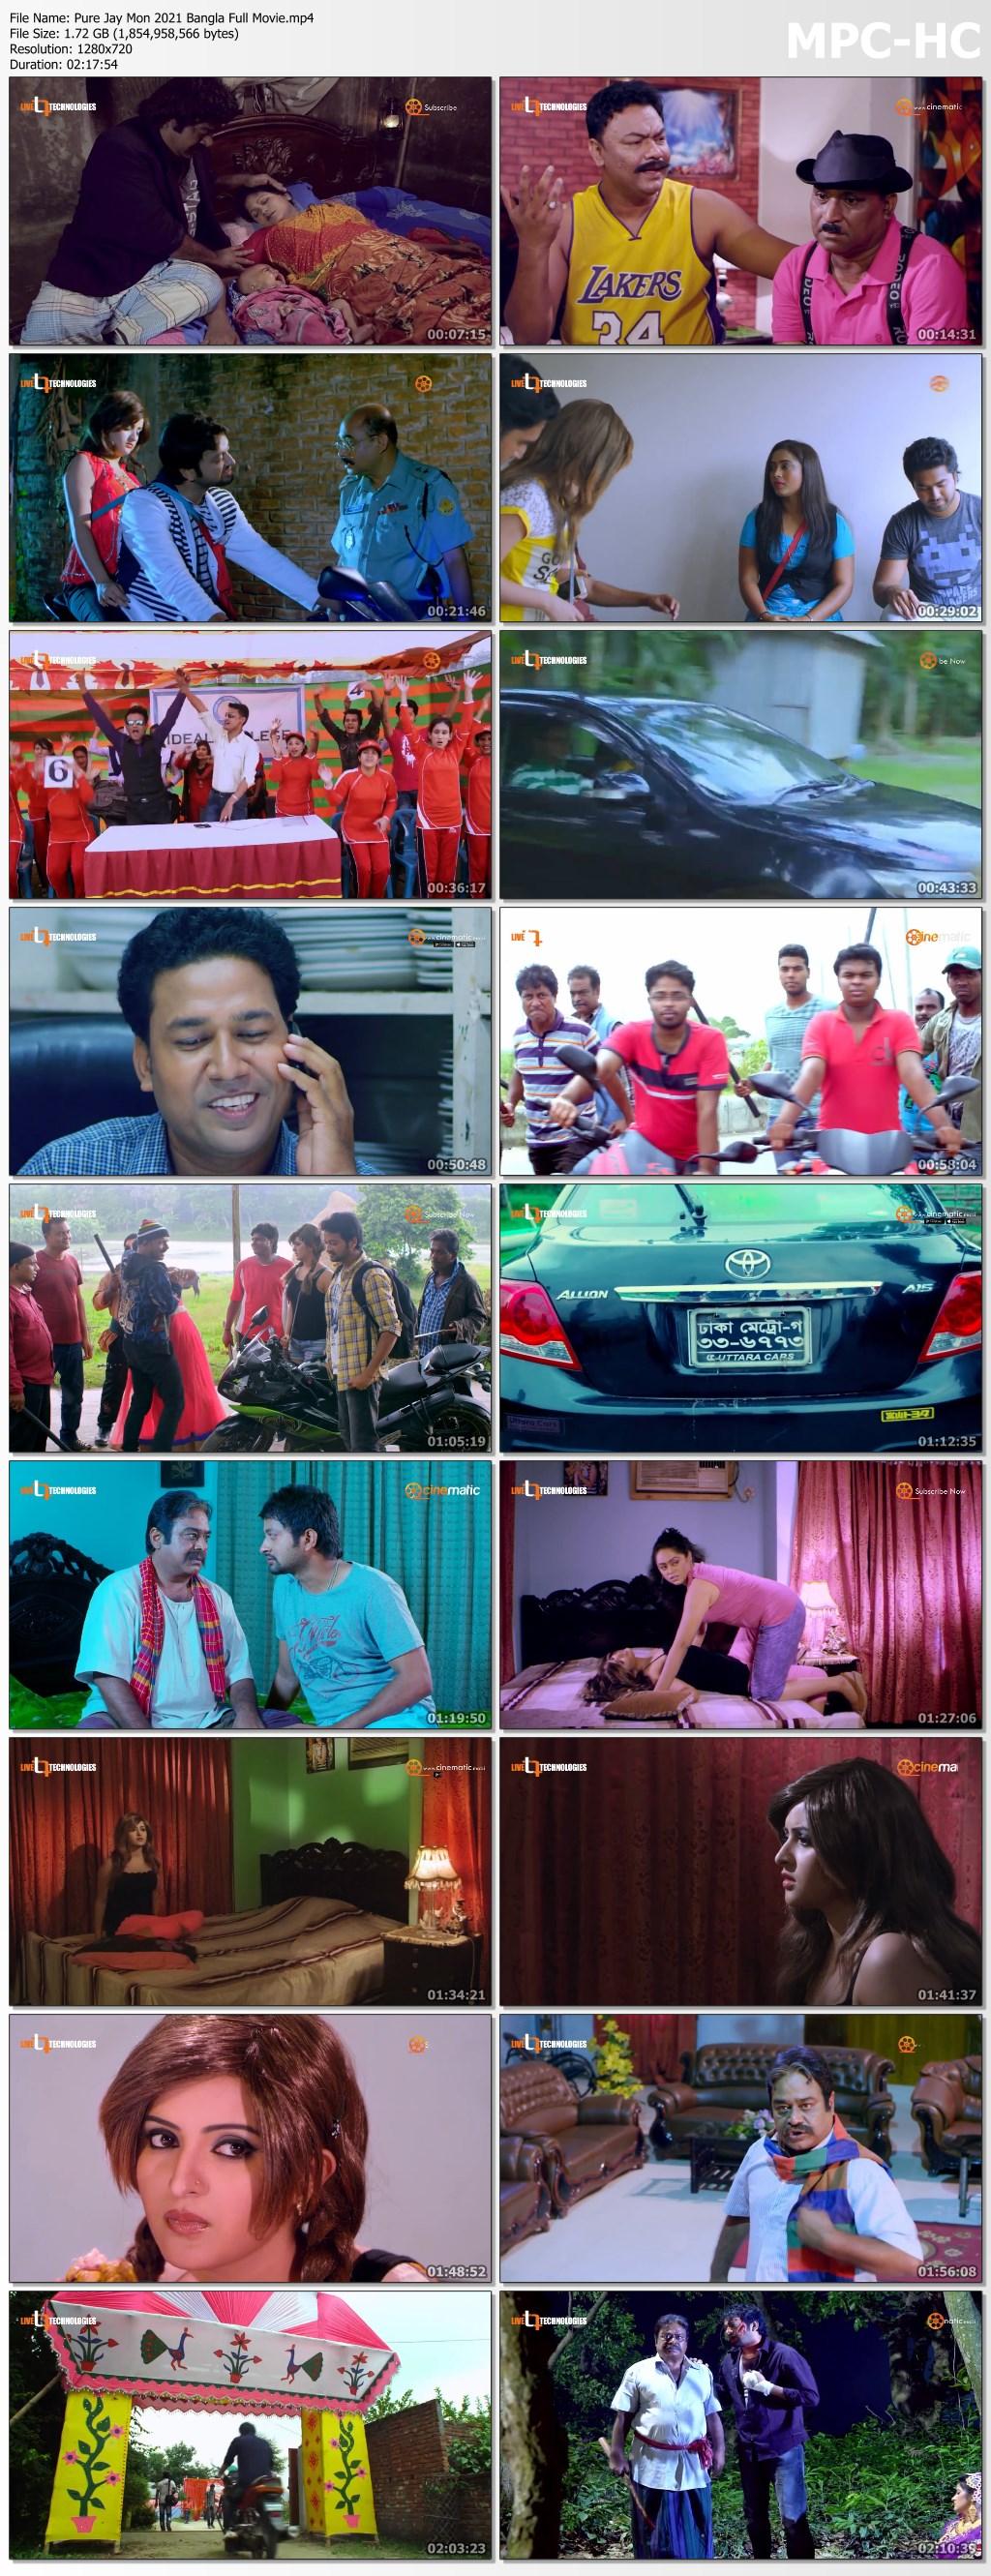 Pure Jay Mon 2021 Bangla Full Movie.mp4 thumbs